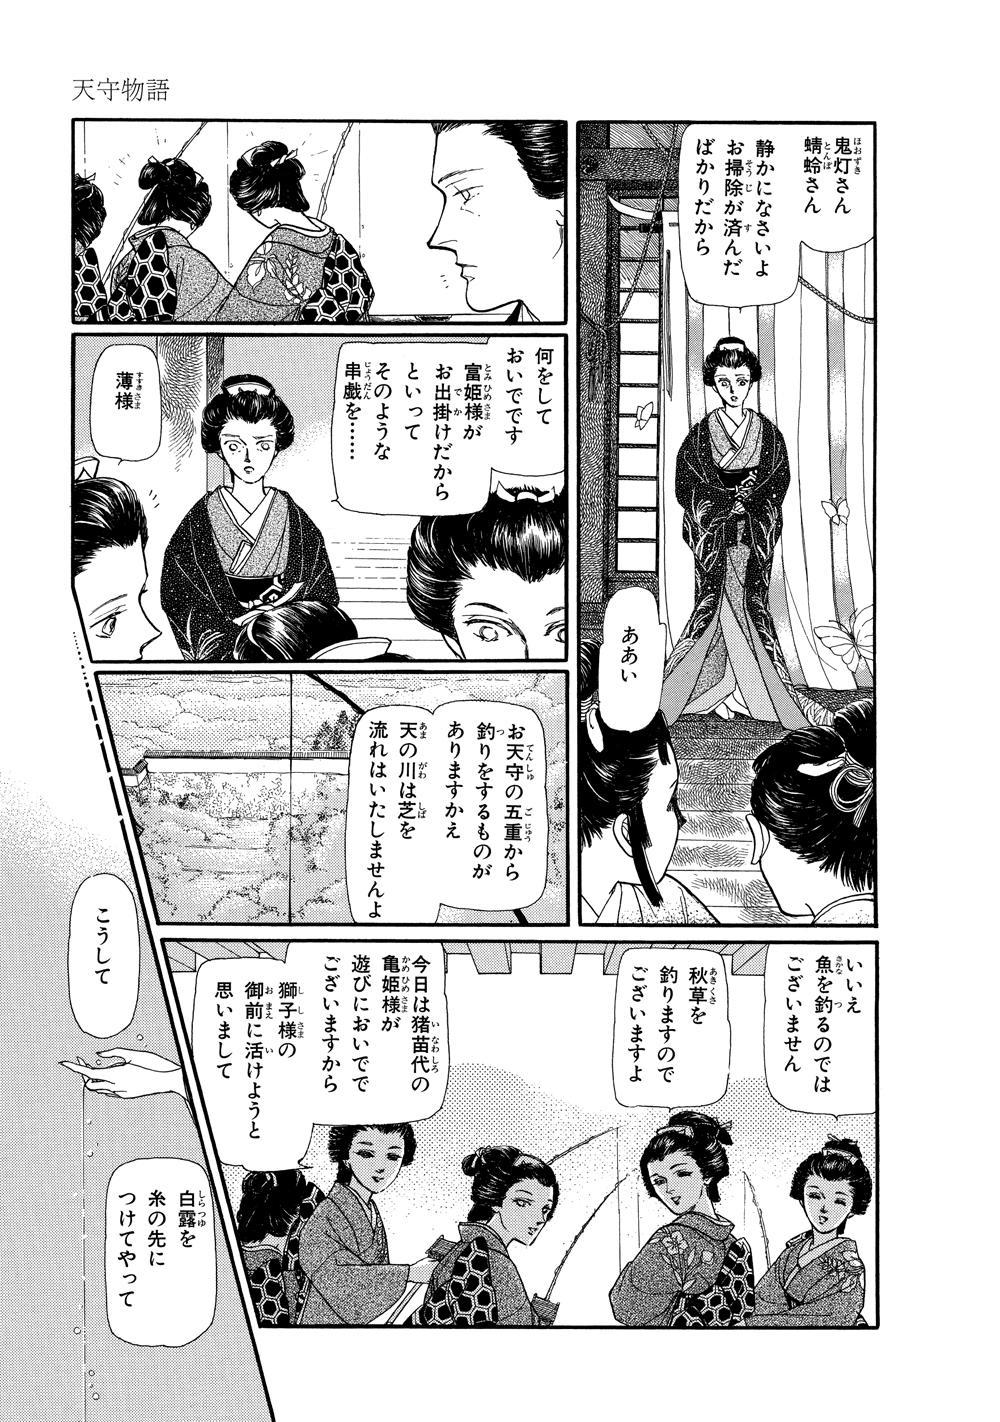 鏡花夢幻01_009.jpg